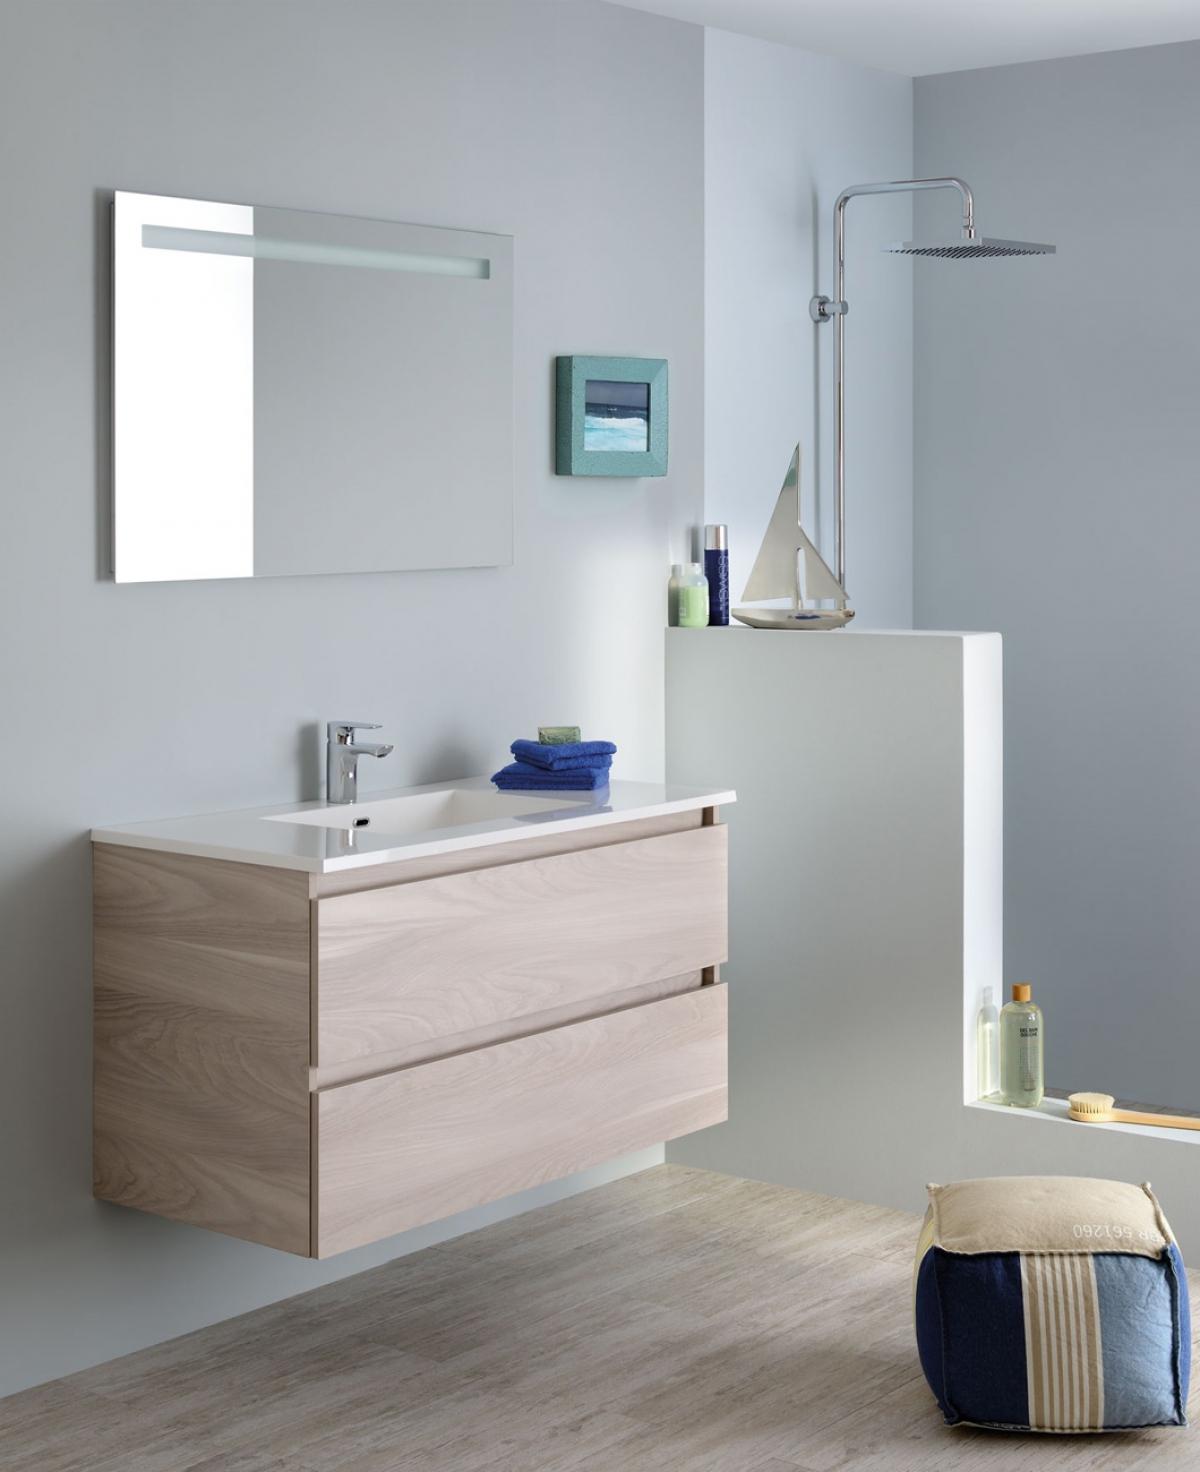 meubles et table vasque sobro sanijura induscabel salle de bains chauffage et cuisine. Black Bedroom Furniture Sets. Home Design Ideas